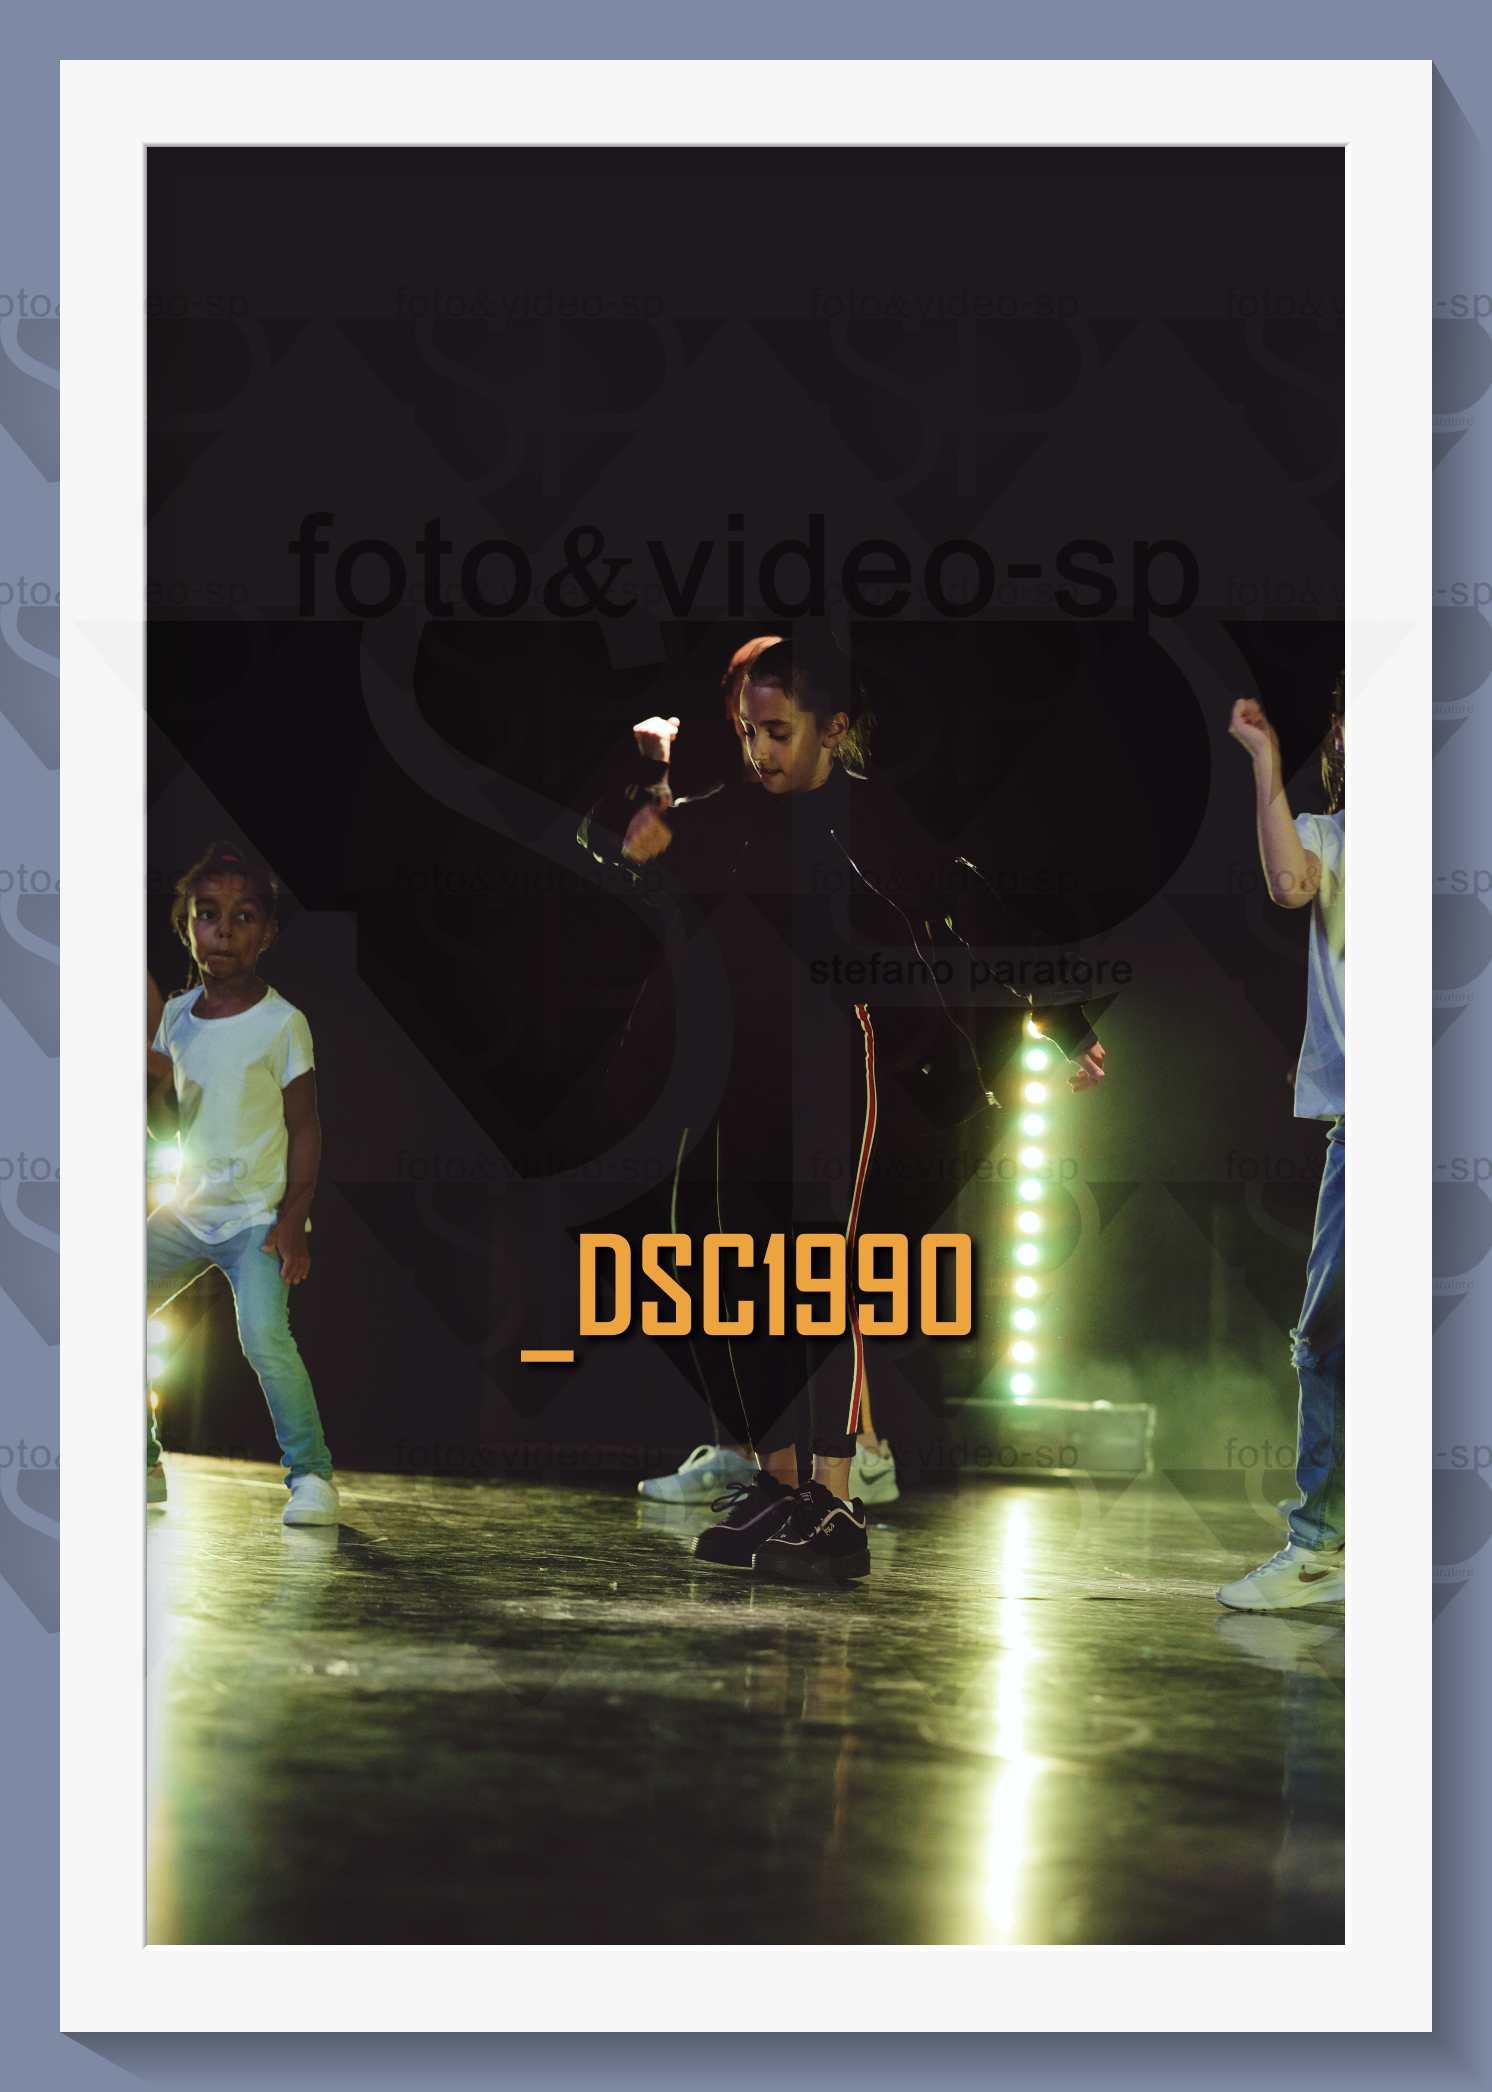 DSC1990